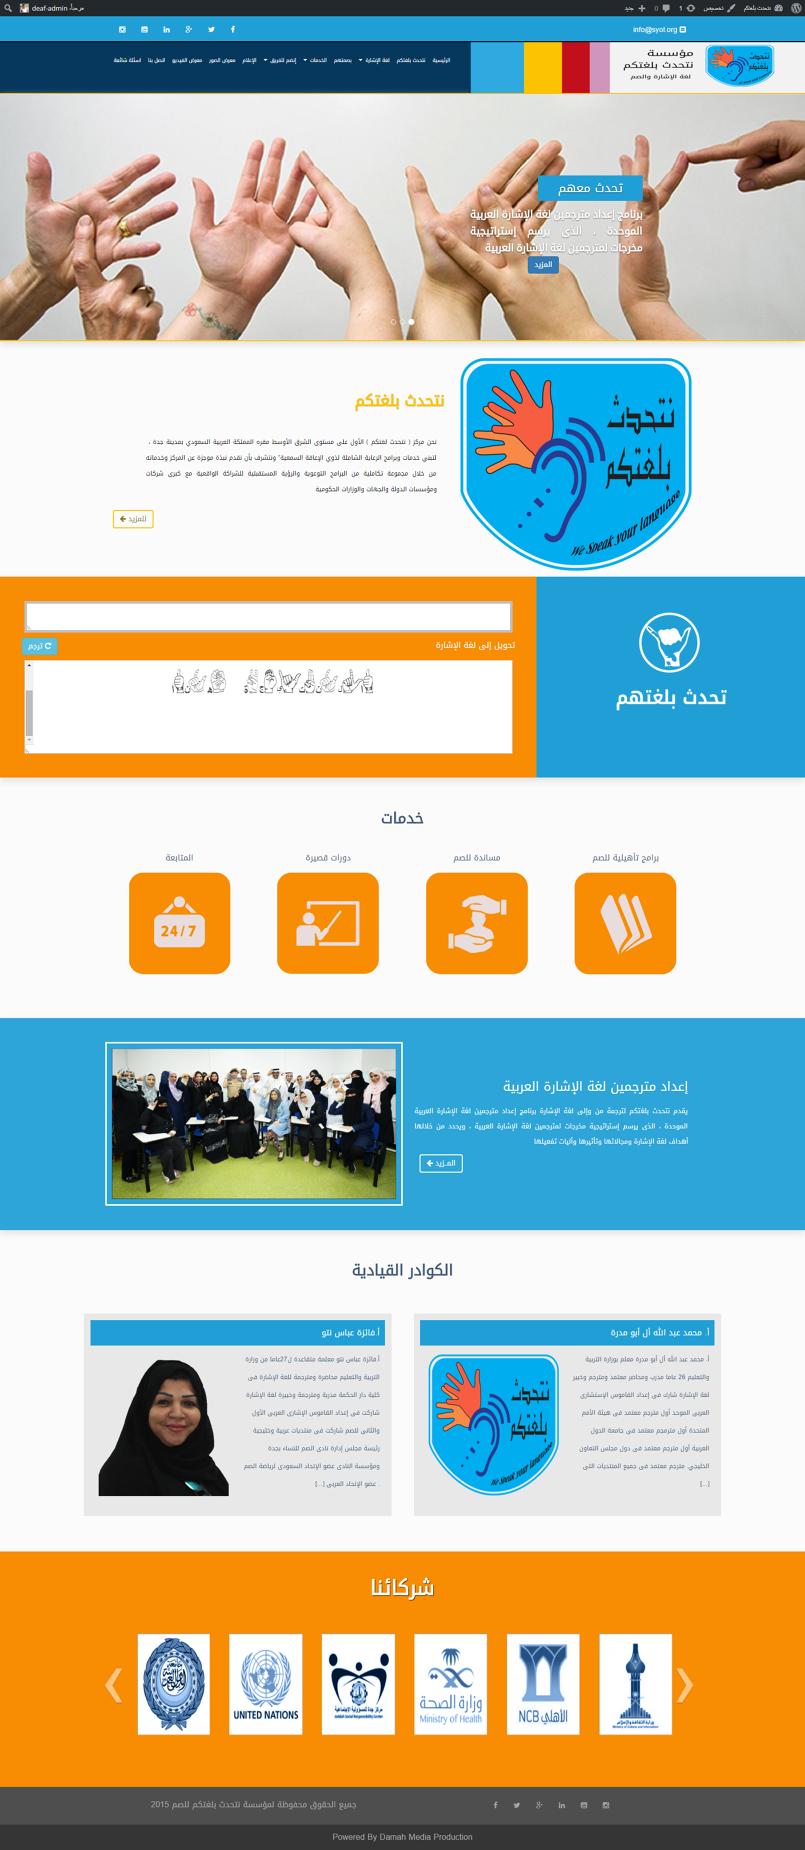 موقع مؤسسة